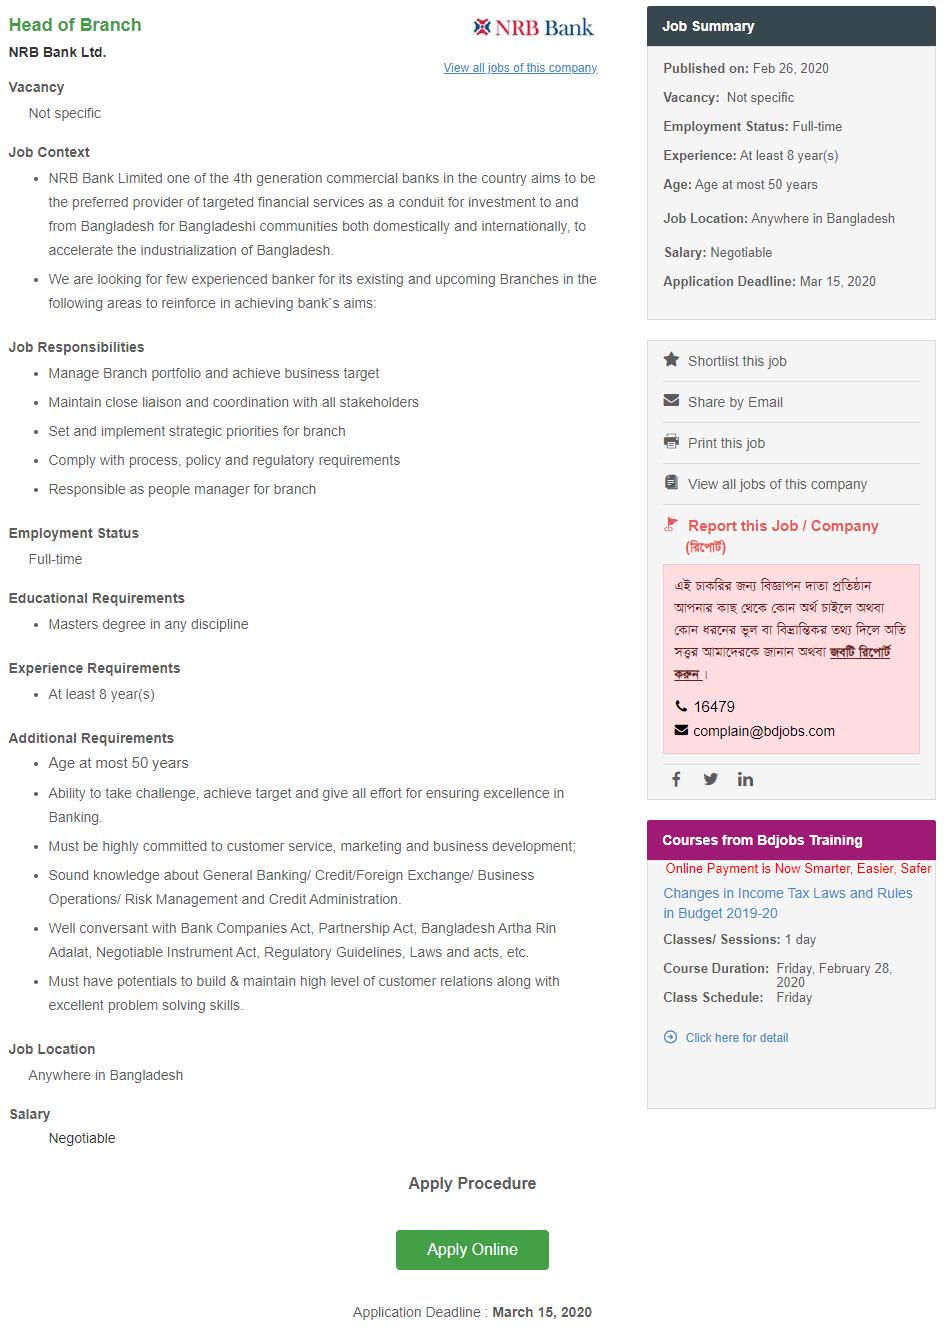 https://i2.wp.com/ejobcircular.files.wordpress.com/2020/02/nrb-bank-3.png?ssl=1